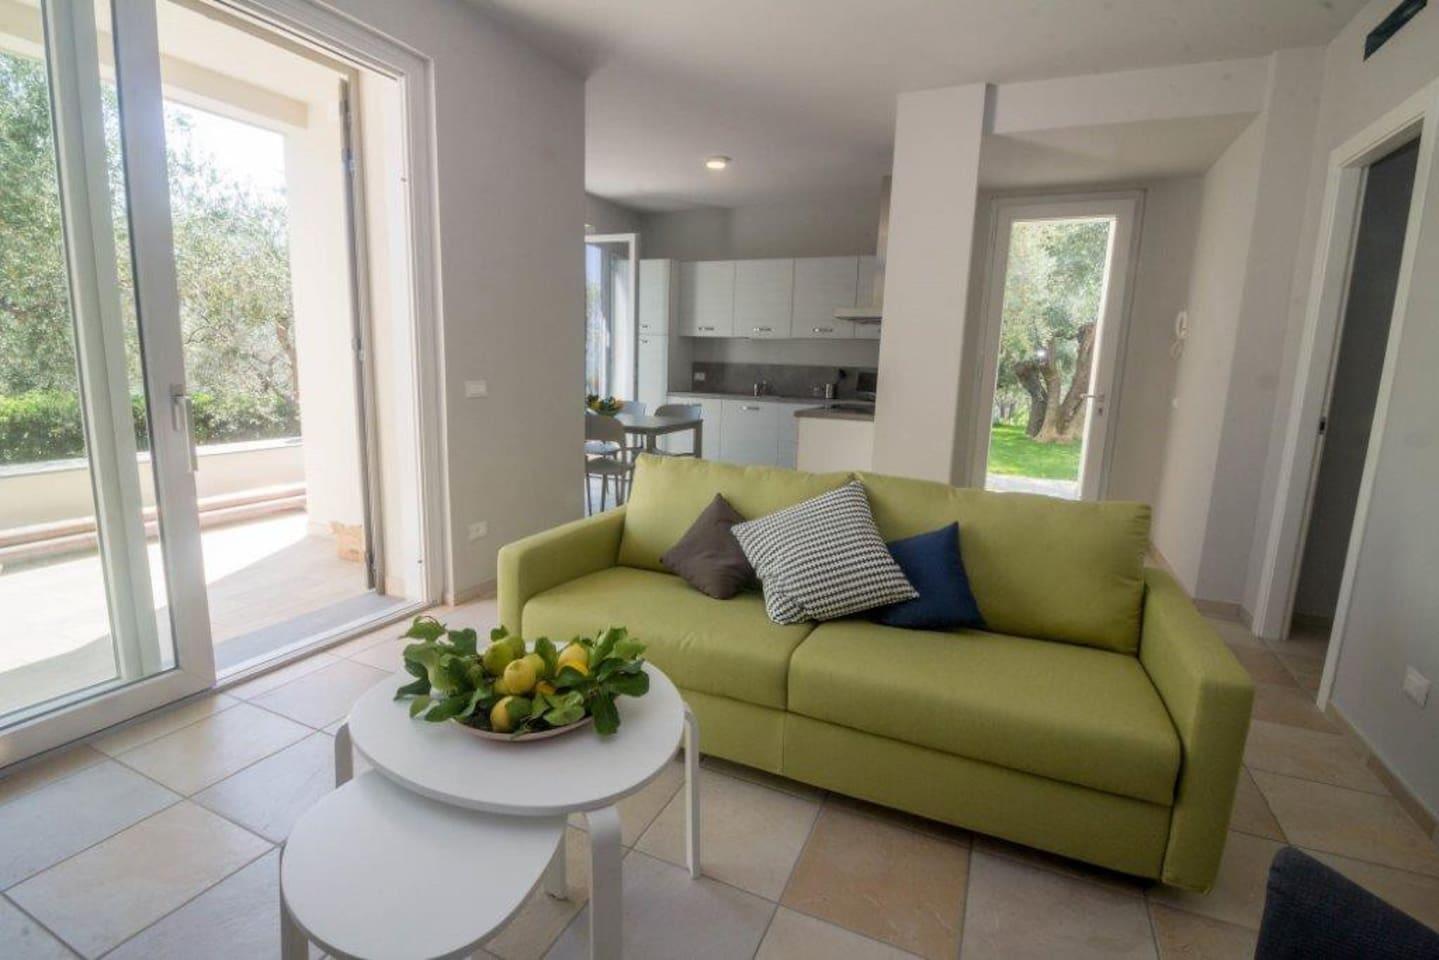 Appartamento Sole a Ponente, il soggiorno open space e cucina.